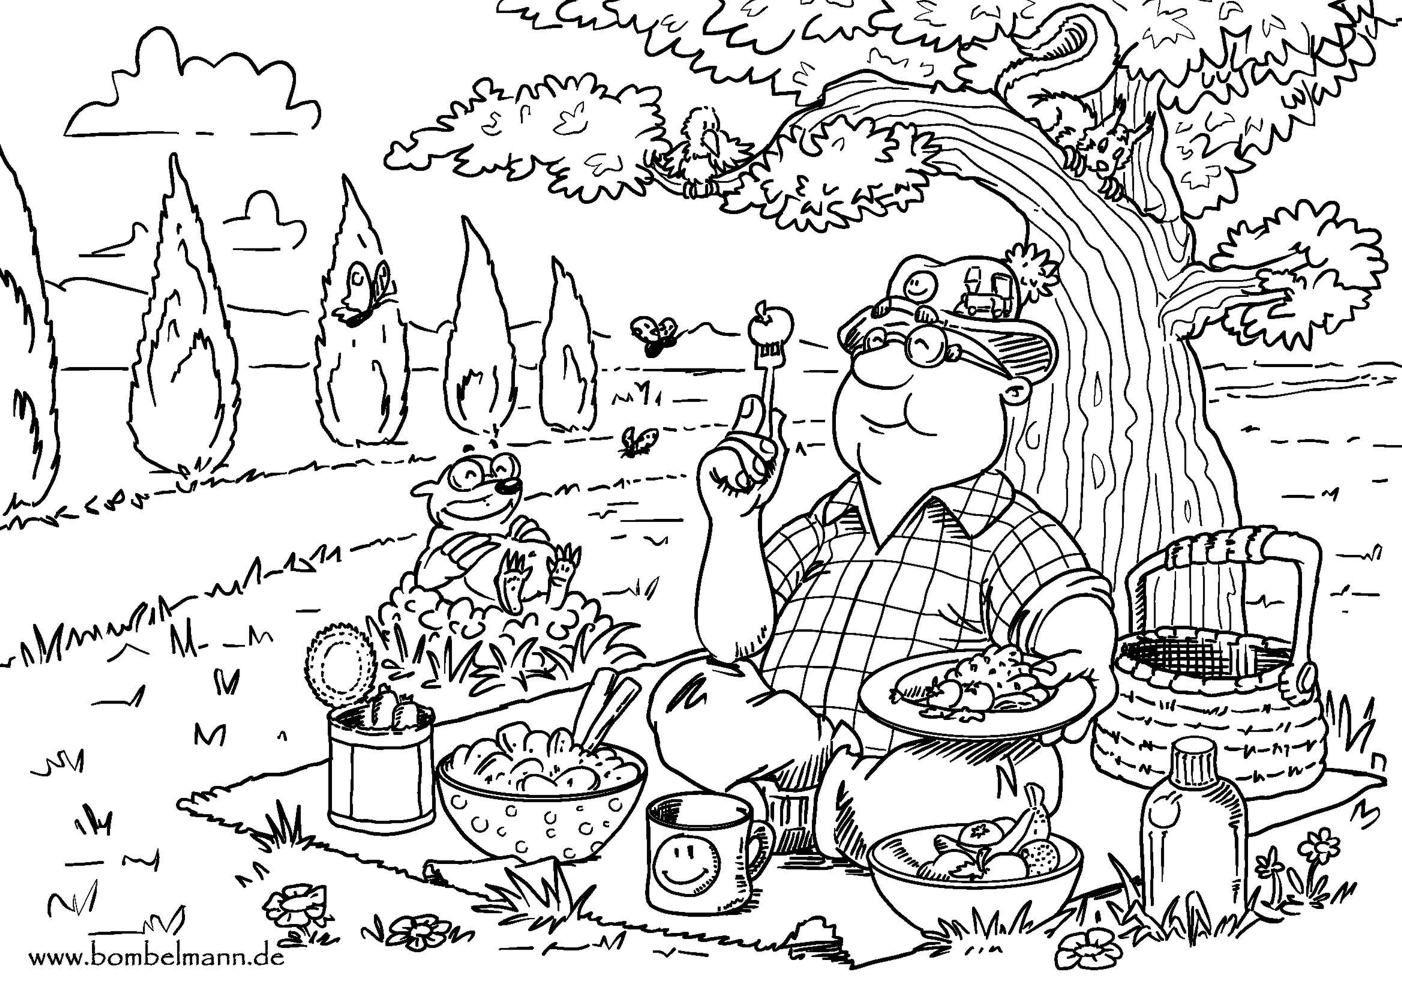 ausmalbild_picknick.jpg (9×9)  Die unendliche geschichte